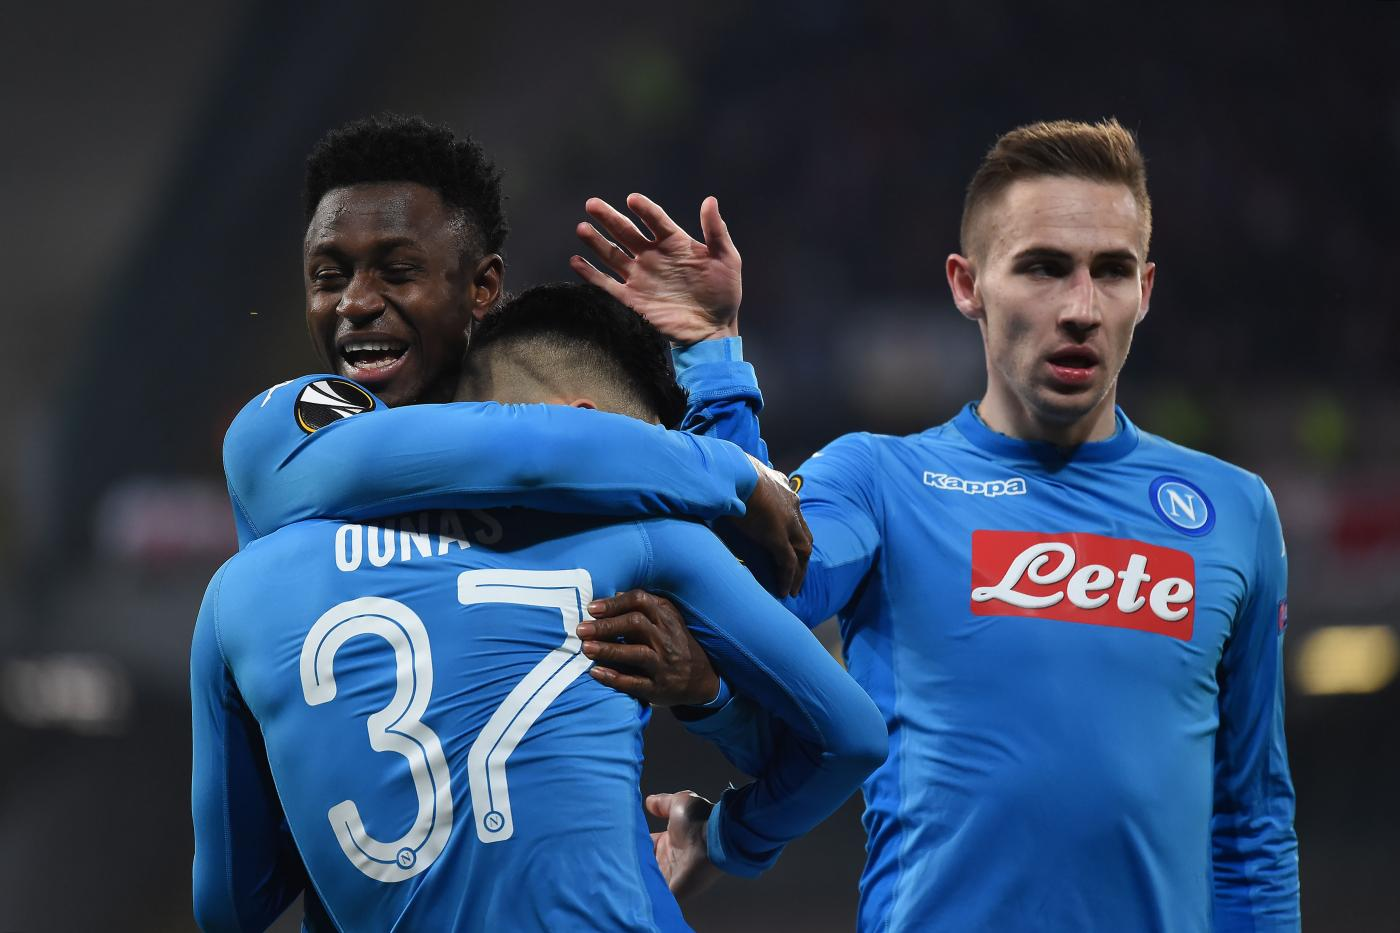 Napoli-Chievo 8 aprile, analisi e pronostico serie A giornata 31